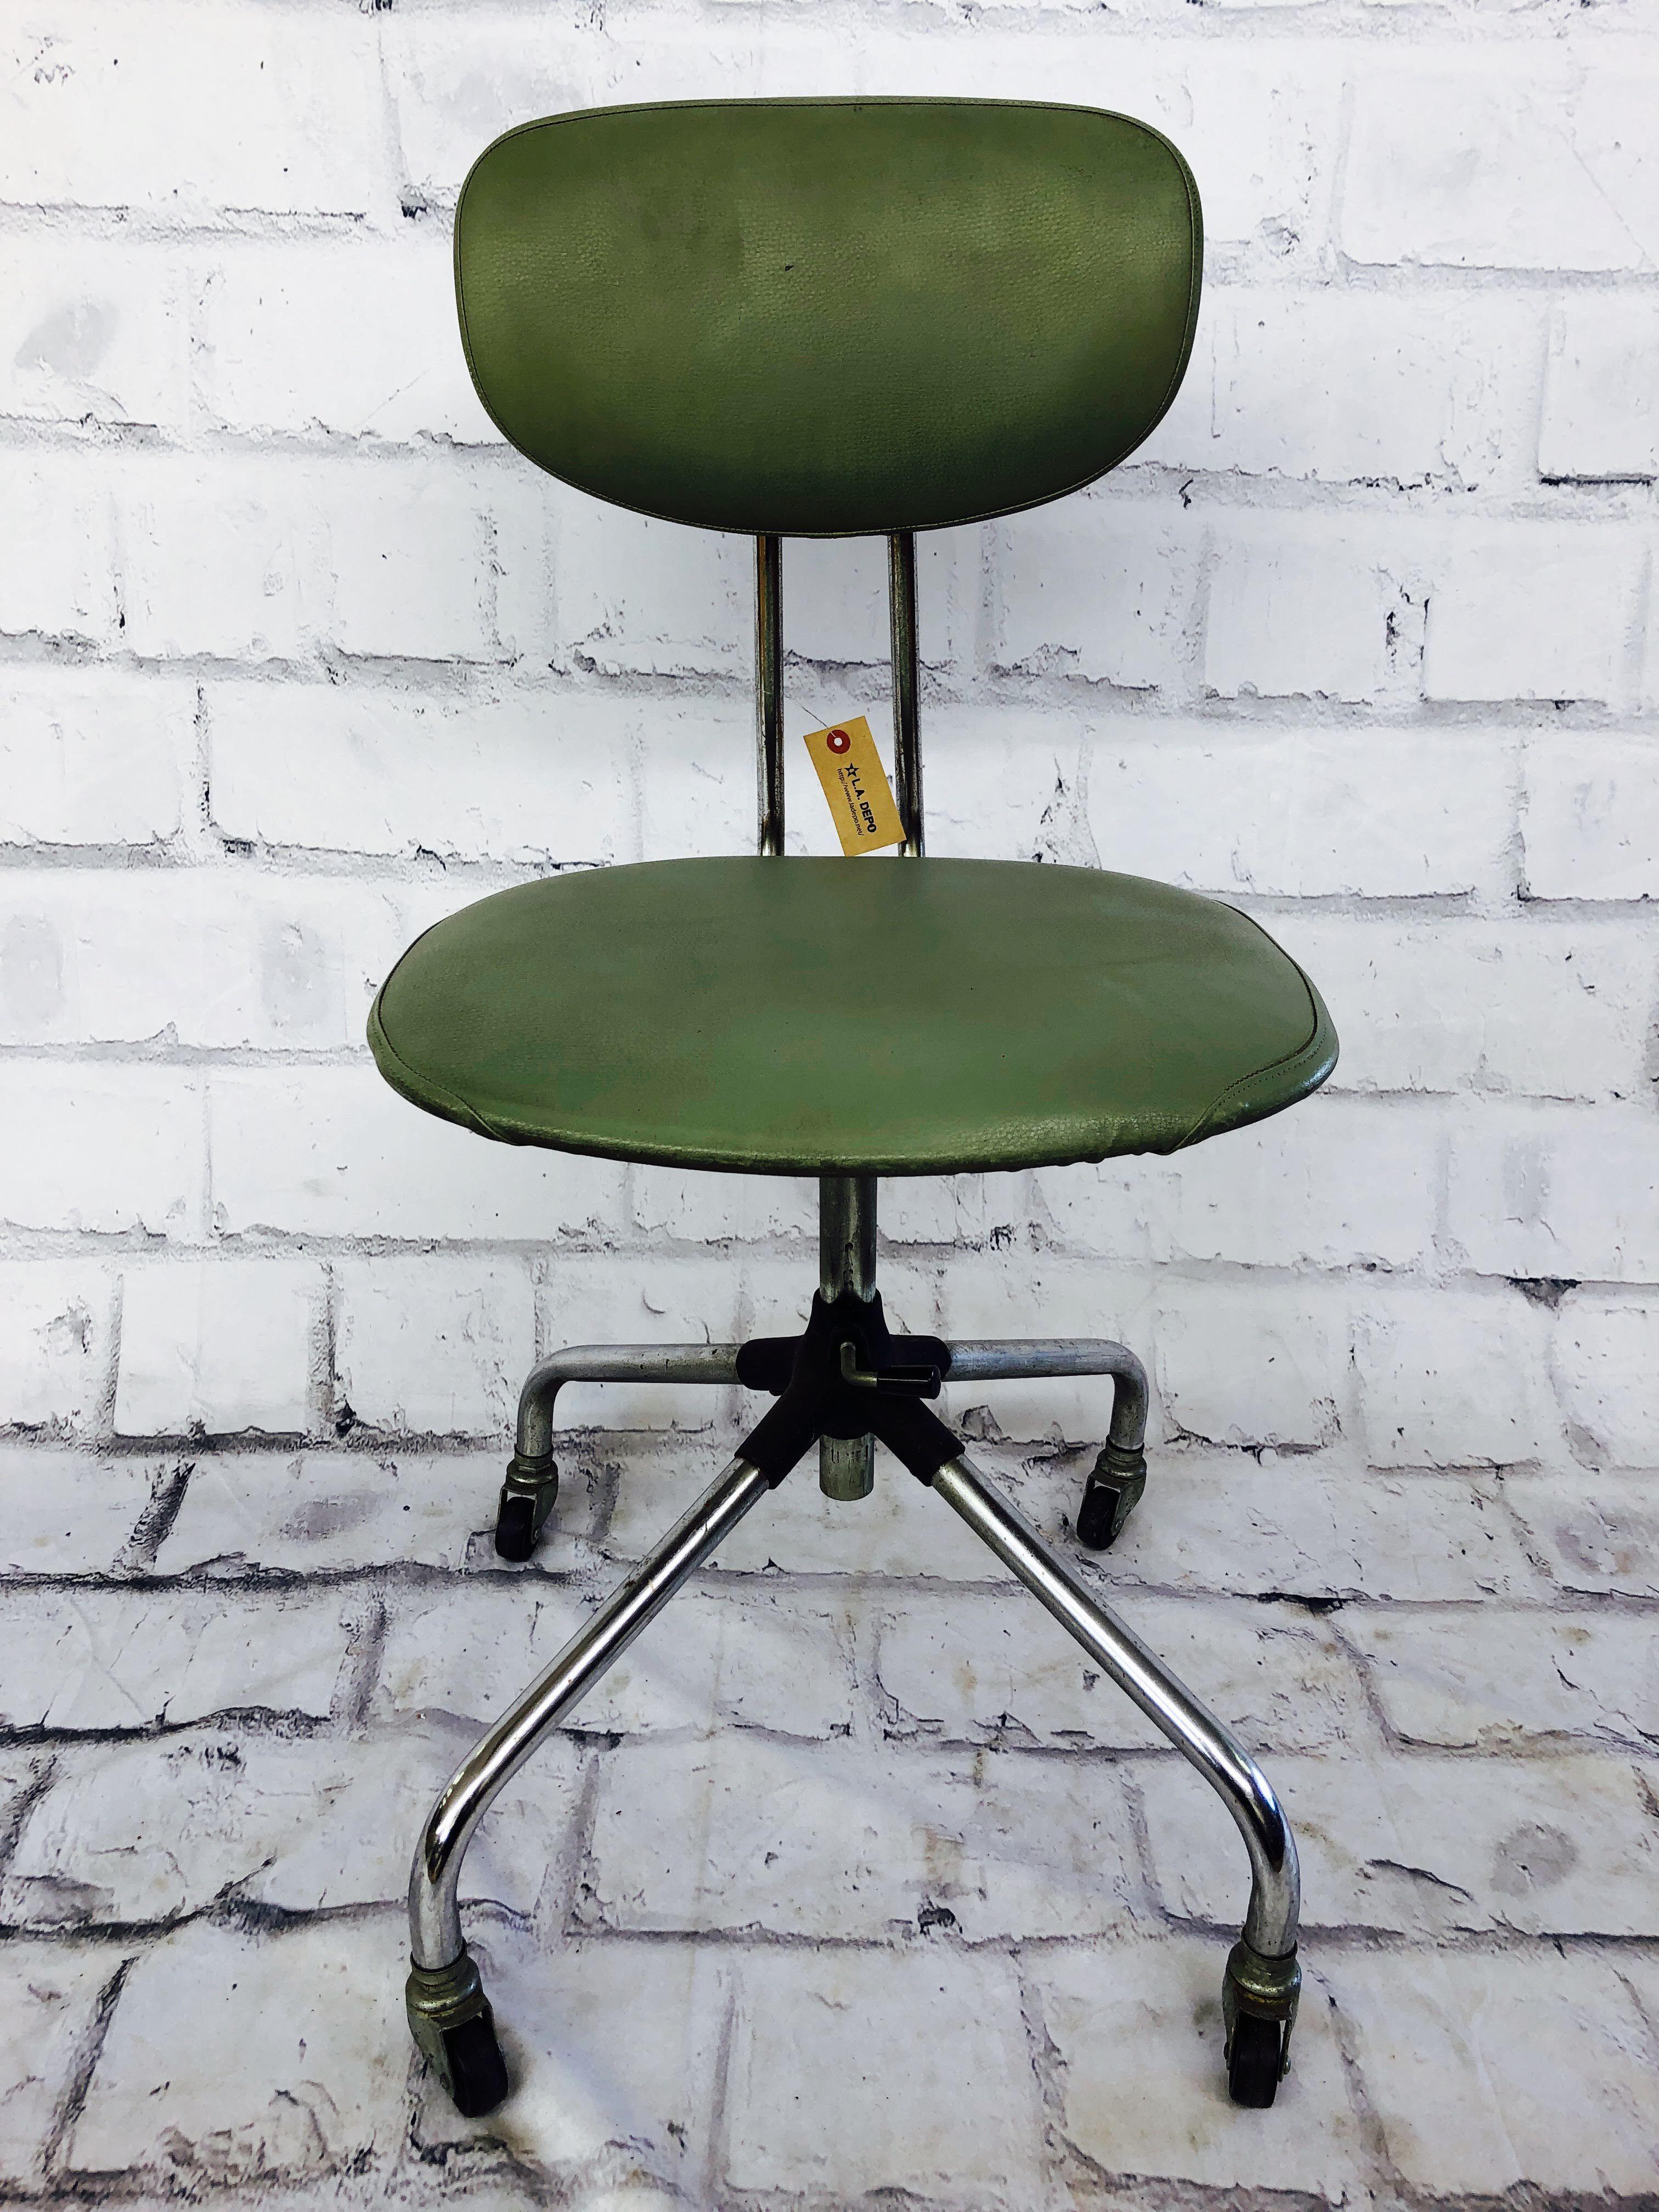 品番0815 チェア オフィスチェア Clipper(クリッパー) 椅子 背もたれ付き キャスター付き モスグリーン インテリア ディスプレイ ヴィンテージ